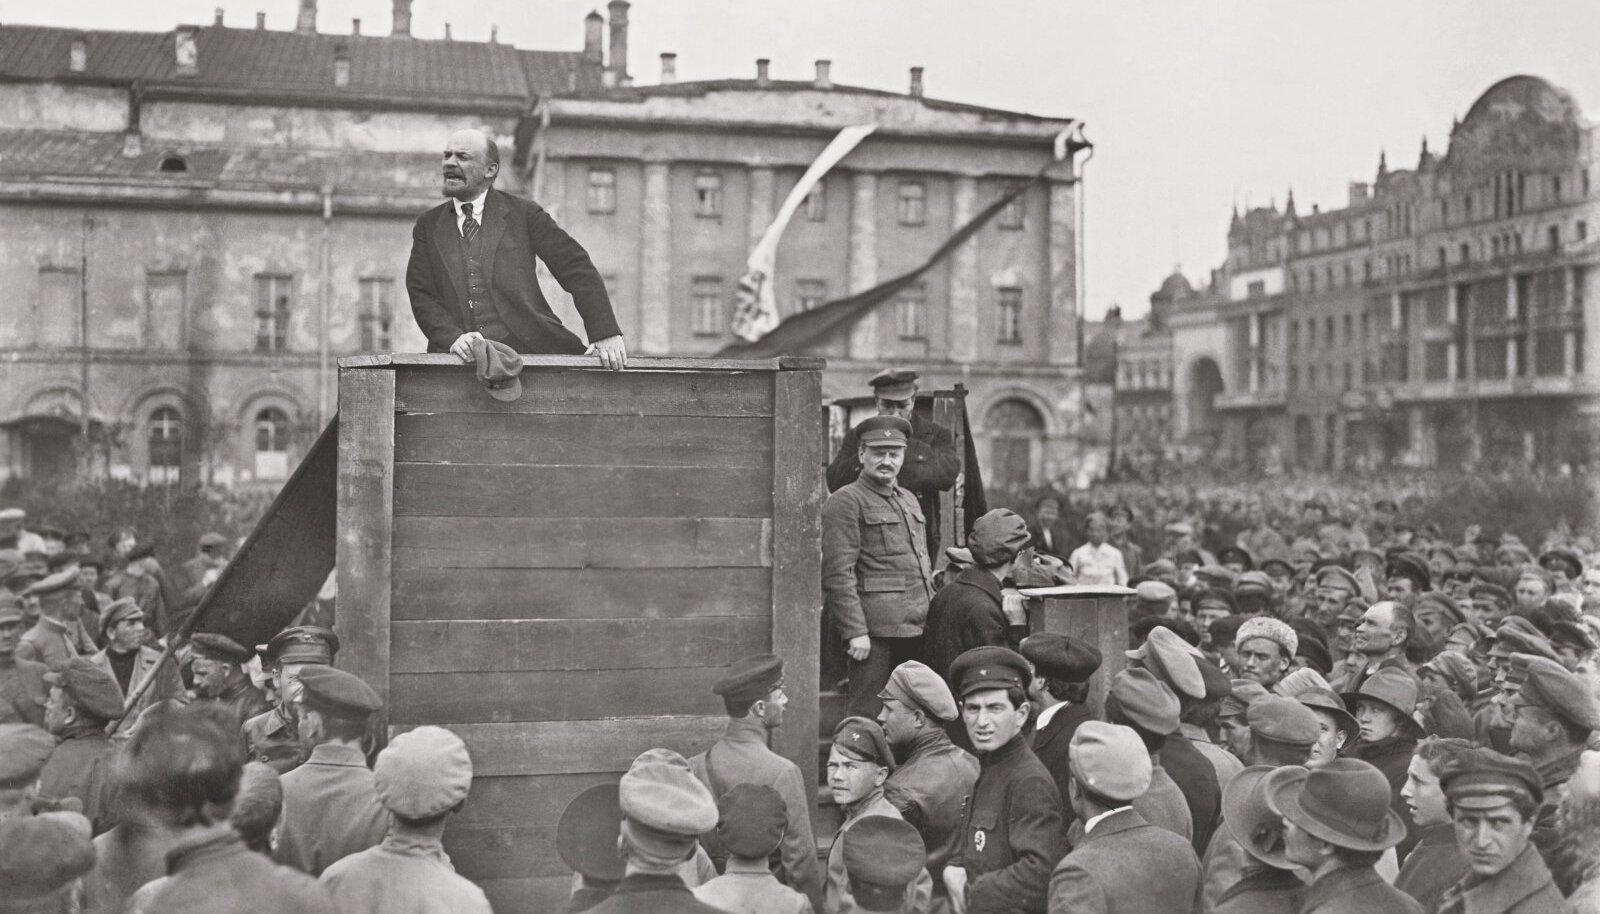 Illustreeriva tähendusega pilt Leninist rahvast üles kütmas (Foto: Wikimedia Commons /  Grigory Petrovich Goldstein)